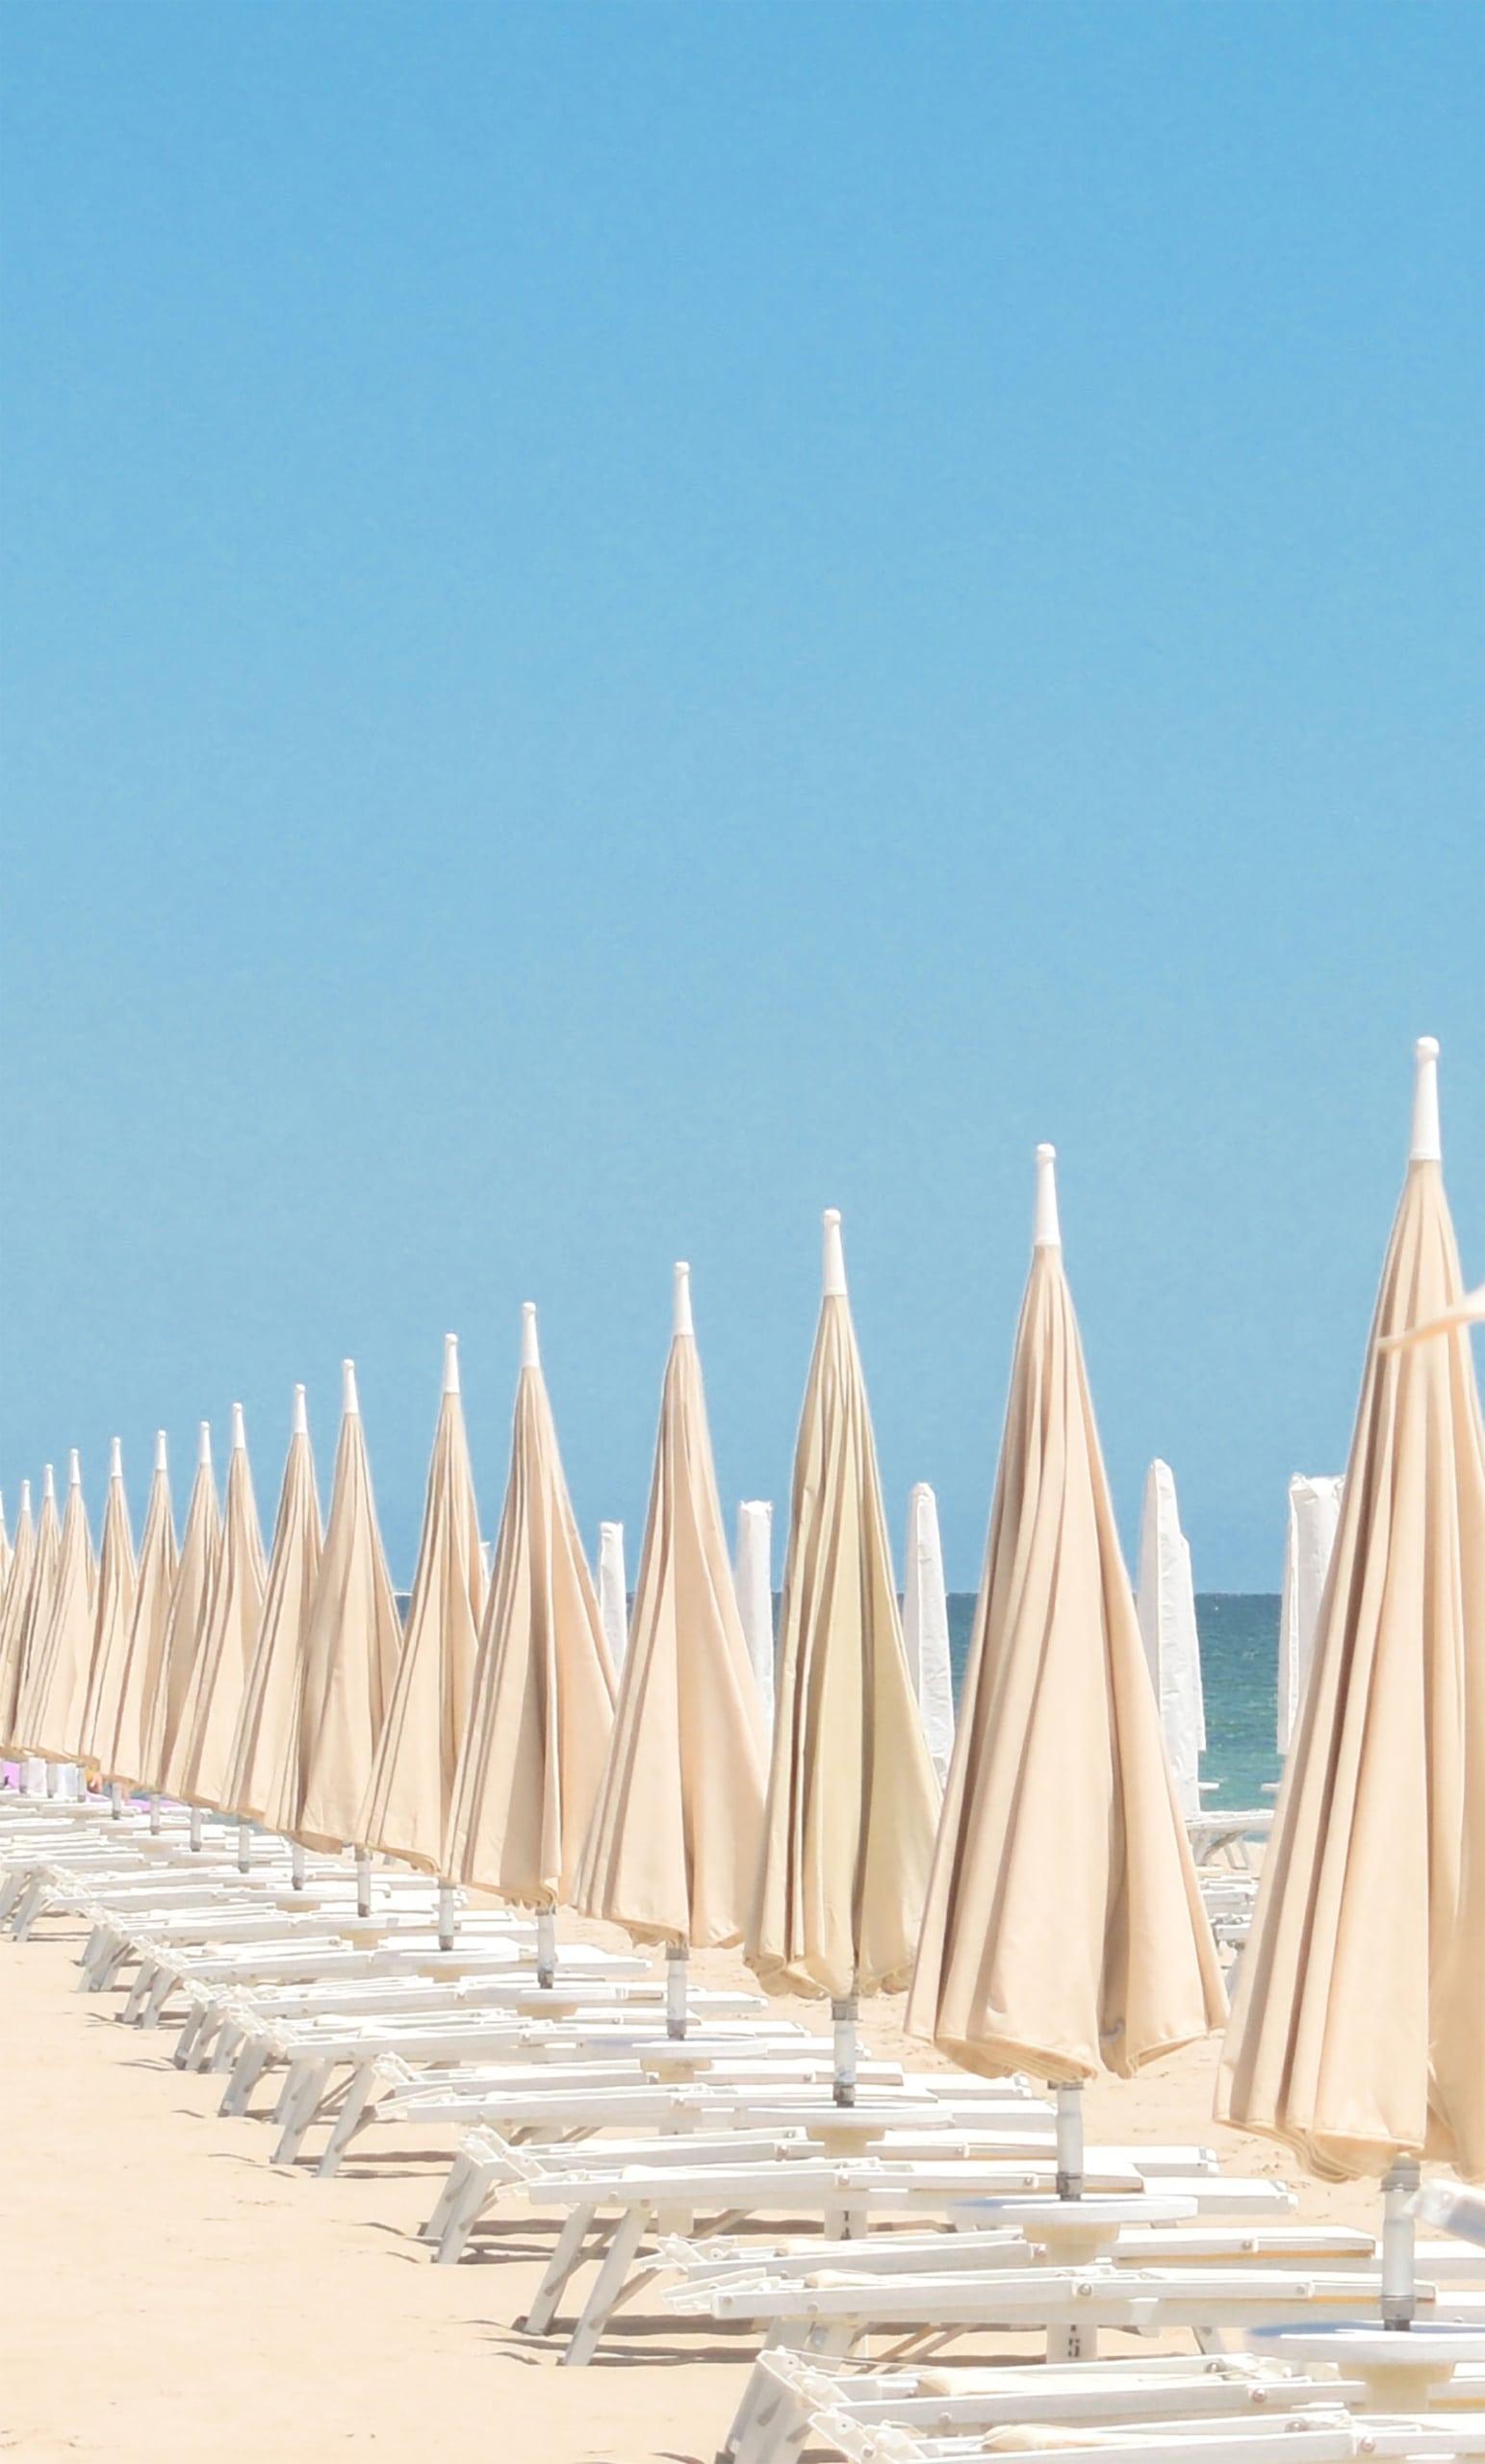 Liegestühle am Strand von Rimini